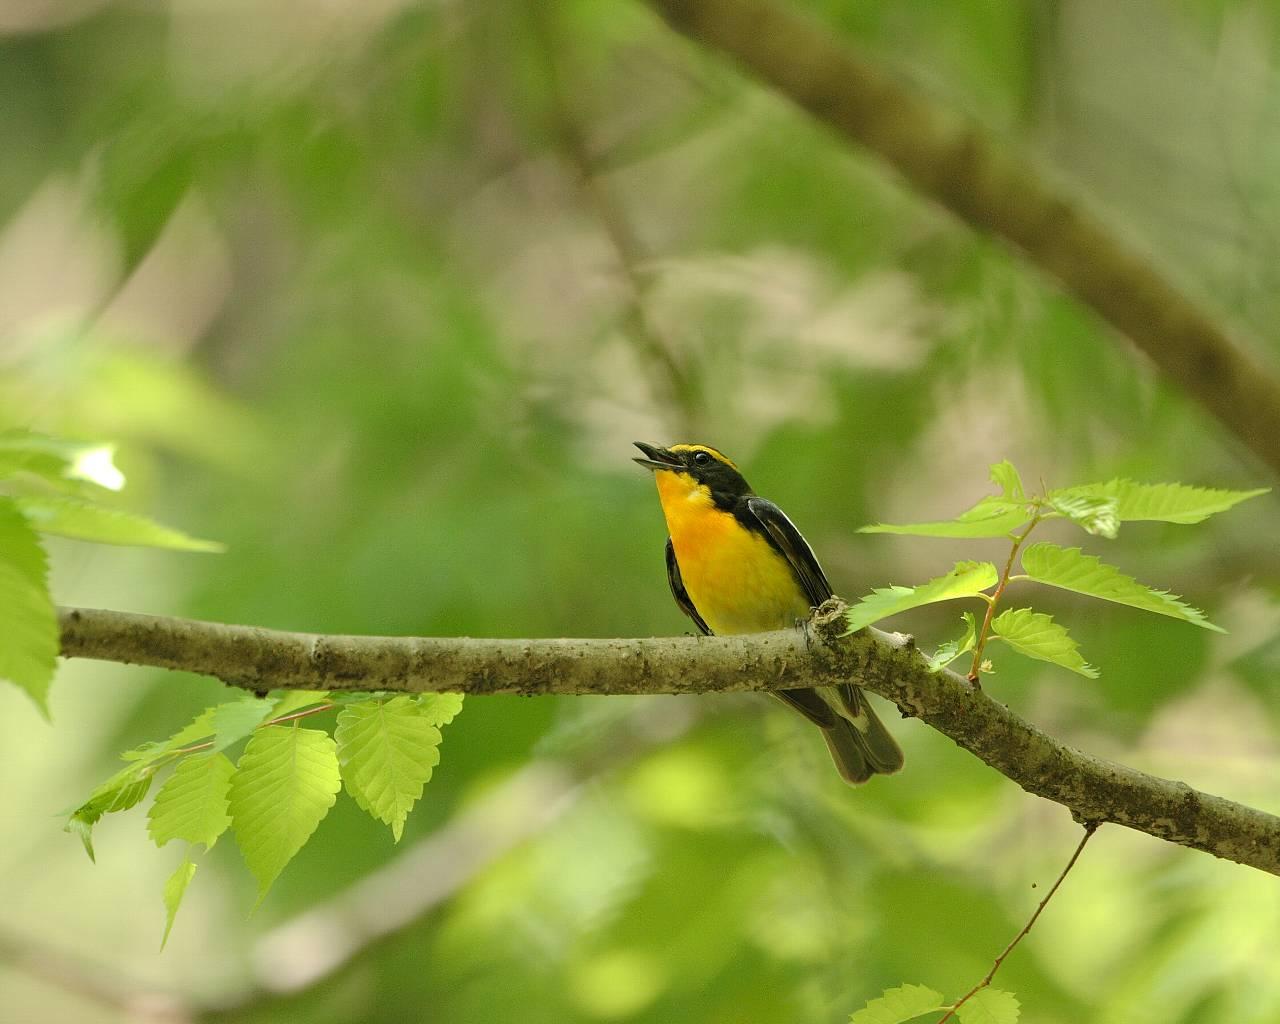 厚木市の青い鳥、赤い鳥、黄色い鳥(全て壁紙あり)_f0105570_21253375.jpg